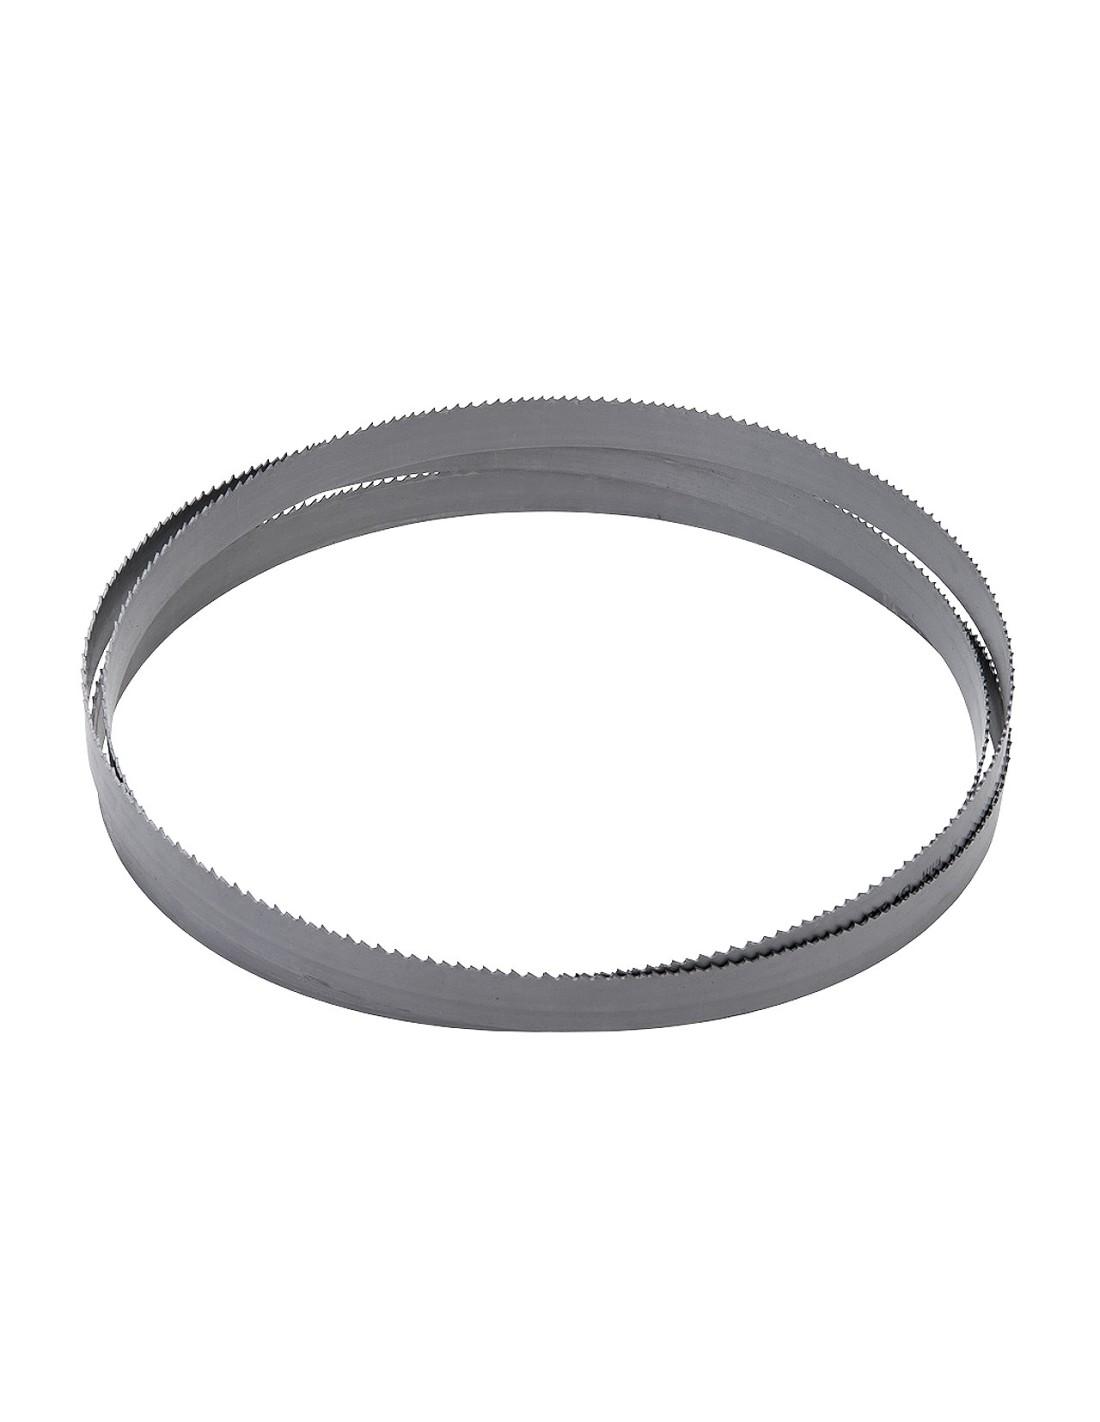 Panza pentru fierastrau cu banda M42 Bi-Metal 1140 x 9,50 x 0,90 mm - 4 TPI